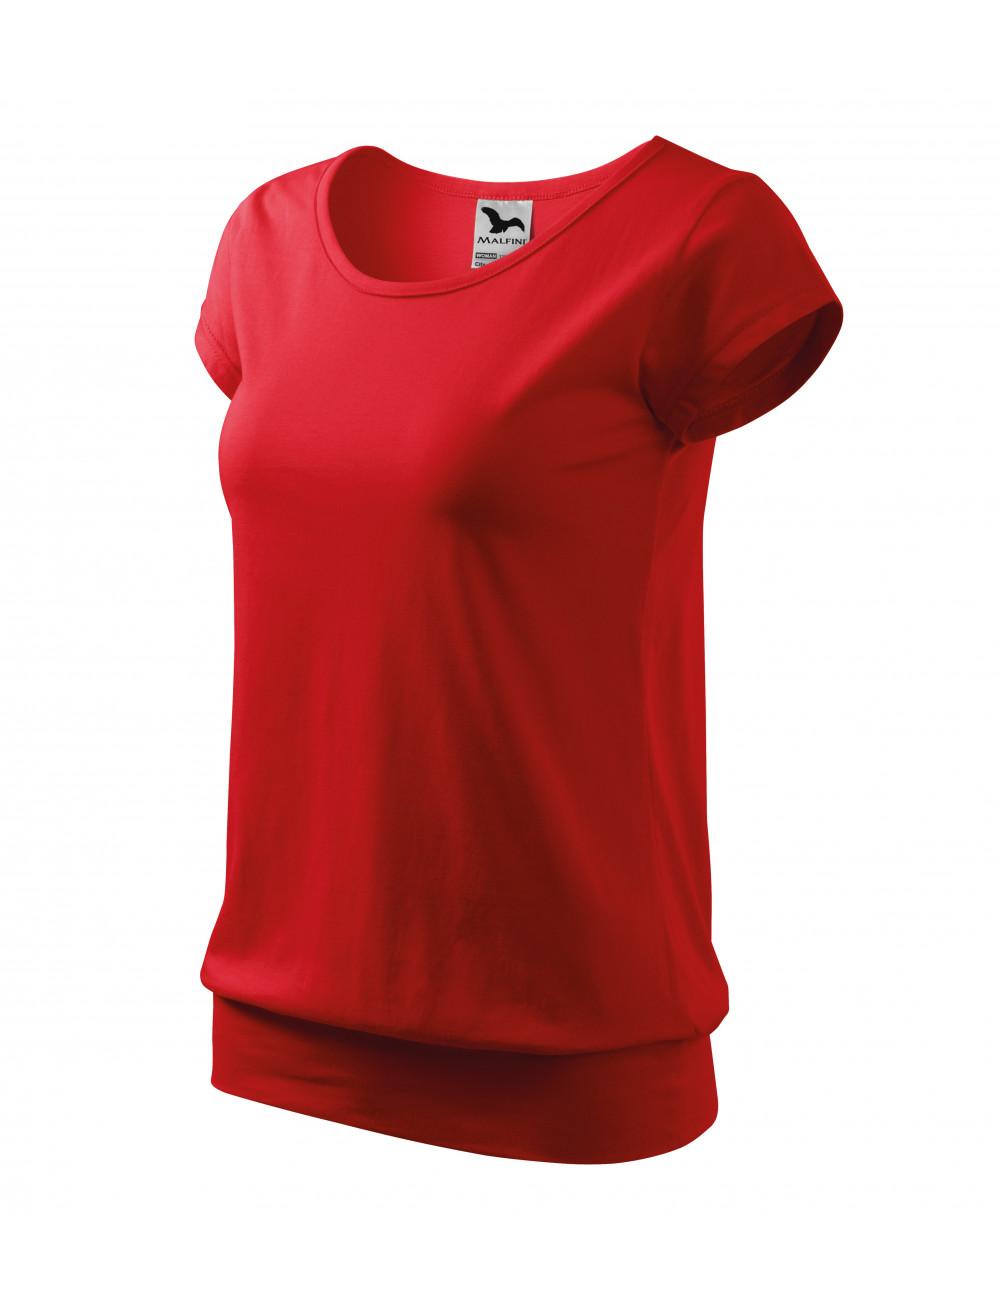 Adler MALFINI Koszulka damska City 120 czerwony